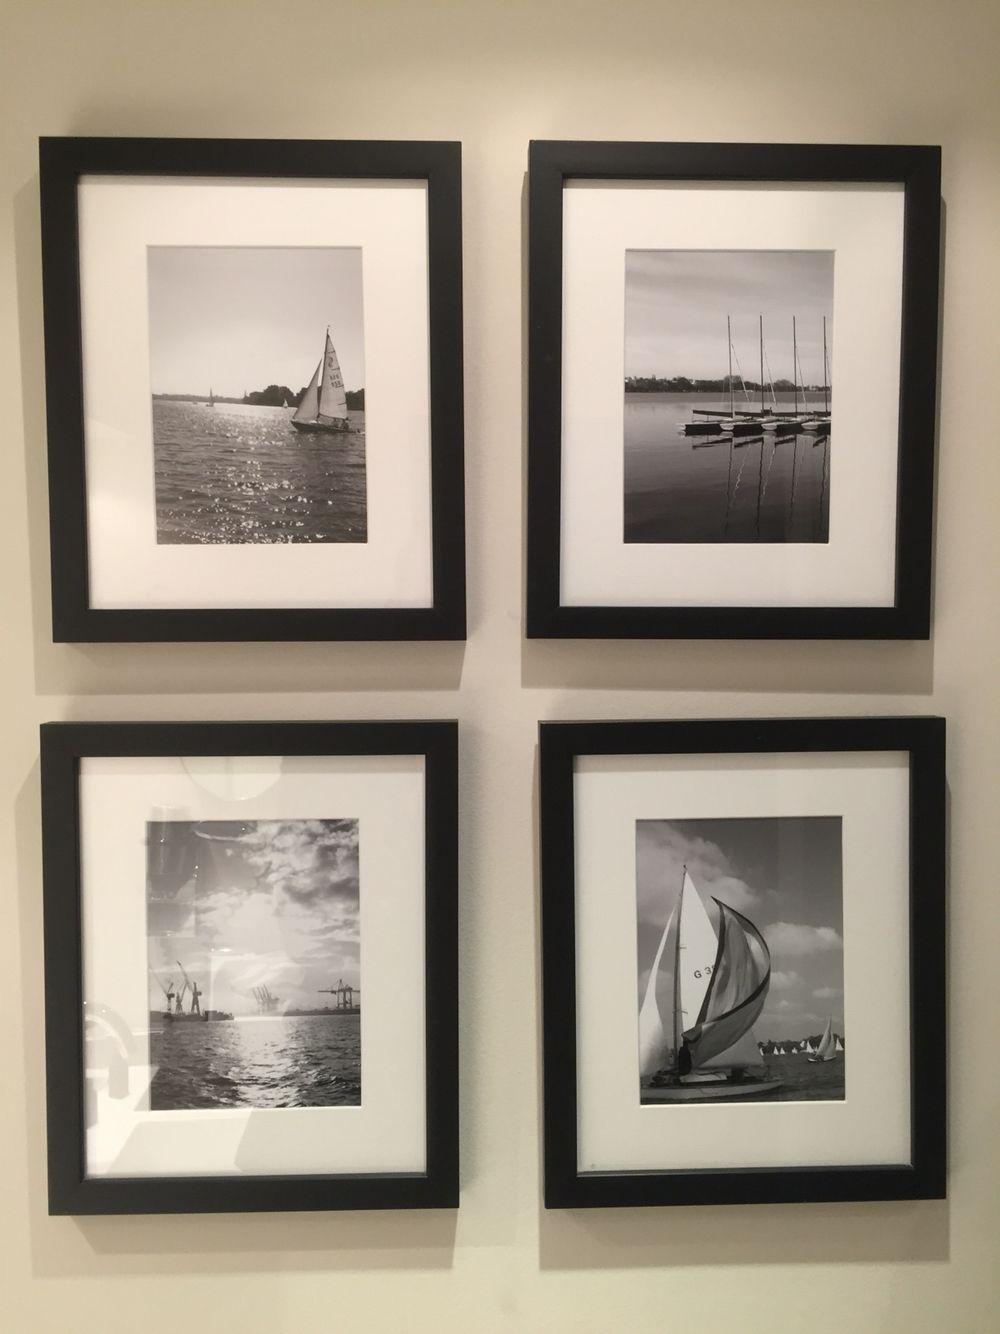 Schwarz / Weiß Photos von Segelboot Motiven mit schwarzen ...